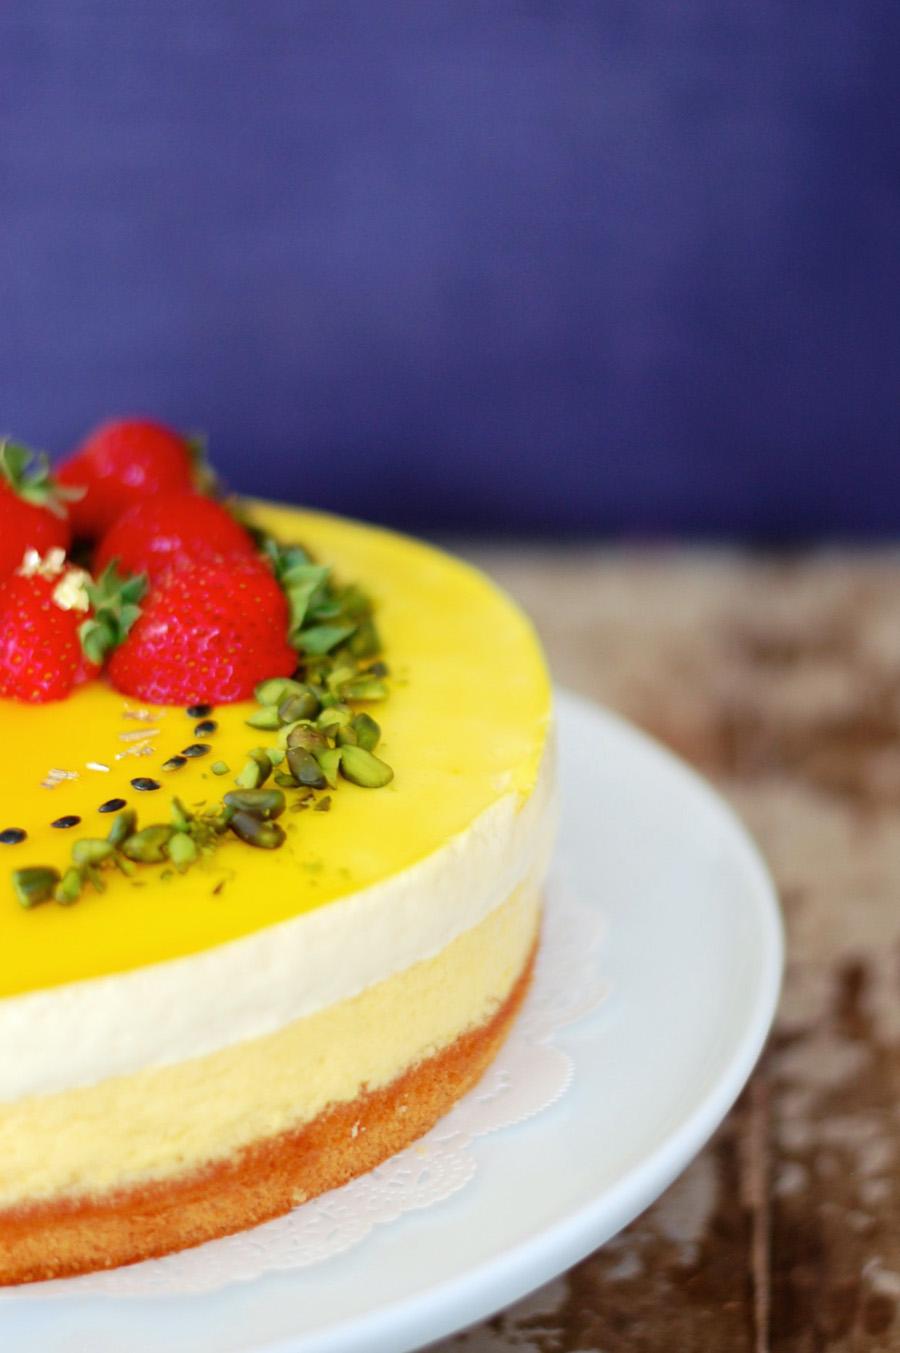 Copenhagencakes-Copenhagen-cakes-passion-for-passionskage-2